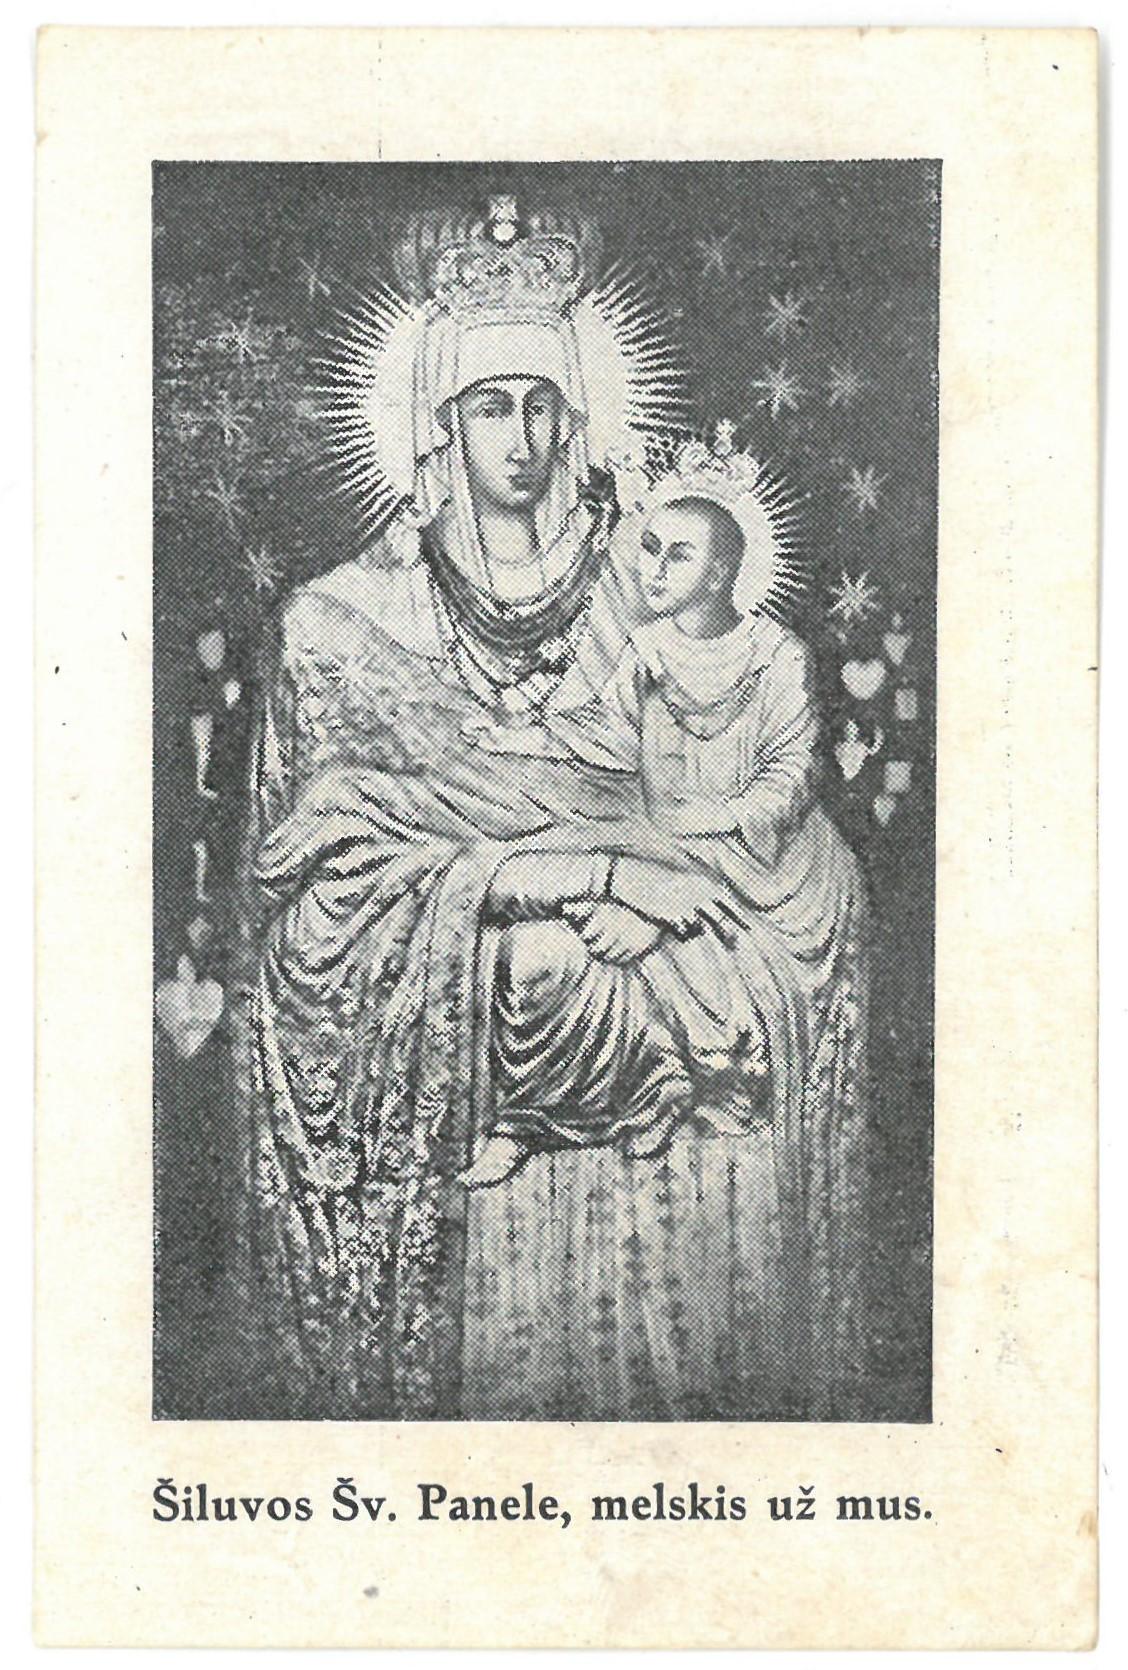 """Religinis paveikslėlis. """"Šiluvos Šv. Panele, melskis už mus"""". Kitoje paveikslėlio pusėje – malda"""